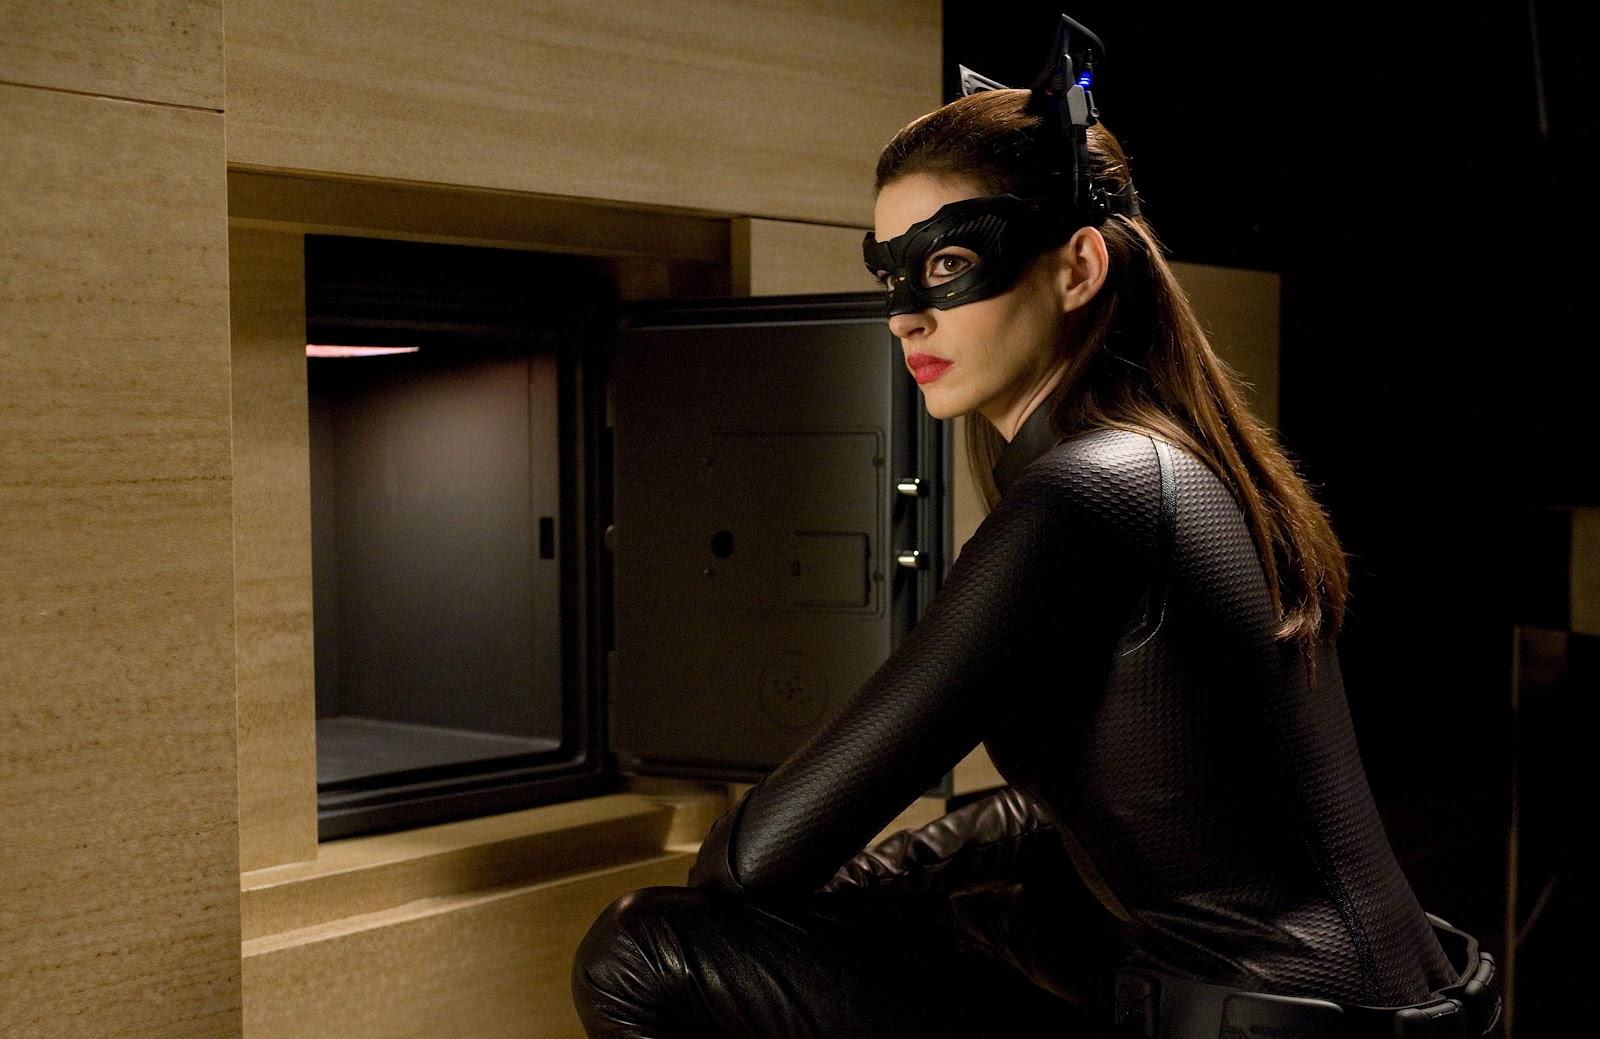 http://2.bp.blogspot.com/-abwivxNvgtQ/UEoPbjbFF6I/AAAAAAAACU4/OQU7UcJZsNY/s1600/Dark+Knight+Rises+Anne+Hathaway+is+sexy+as+Catwoman.jpg